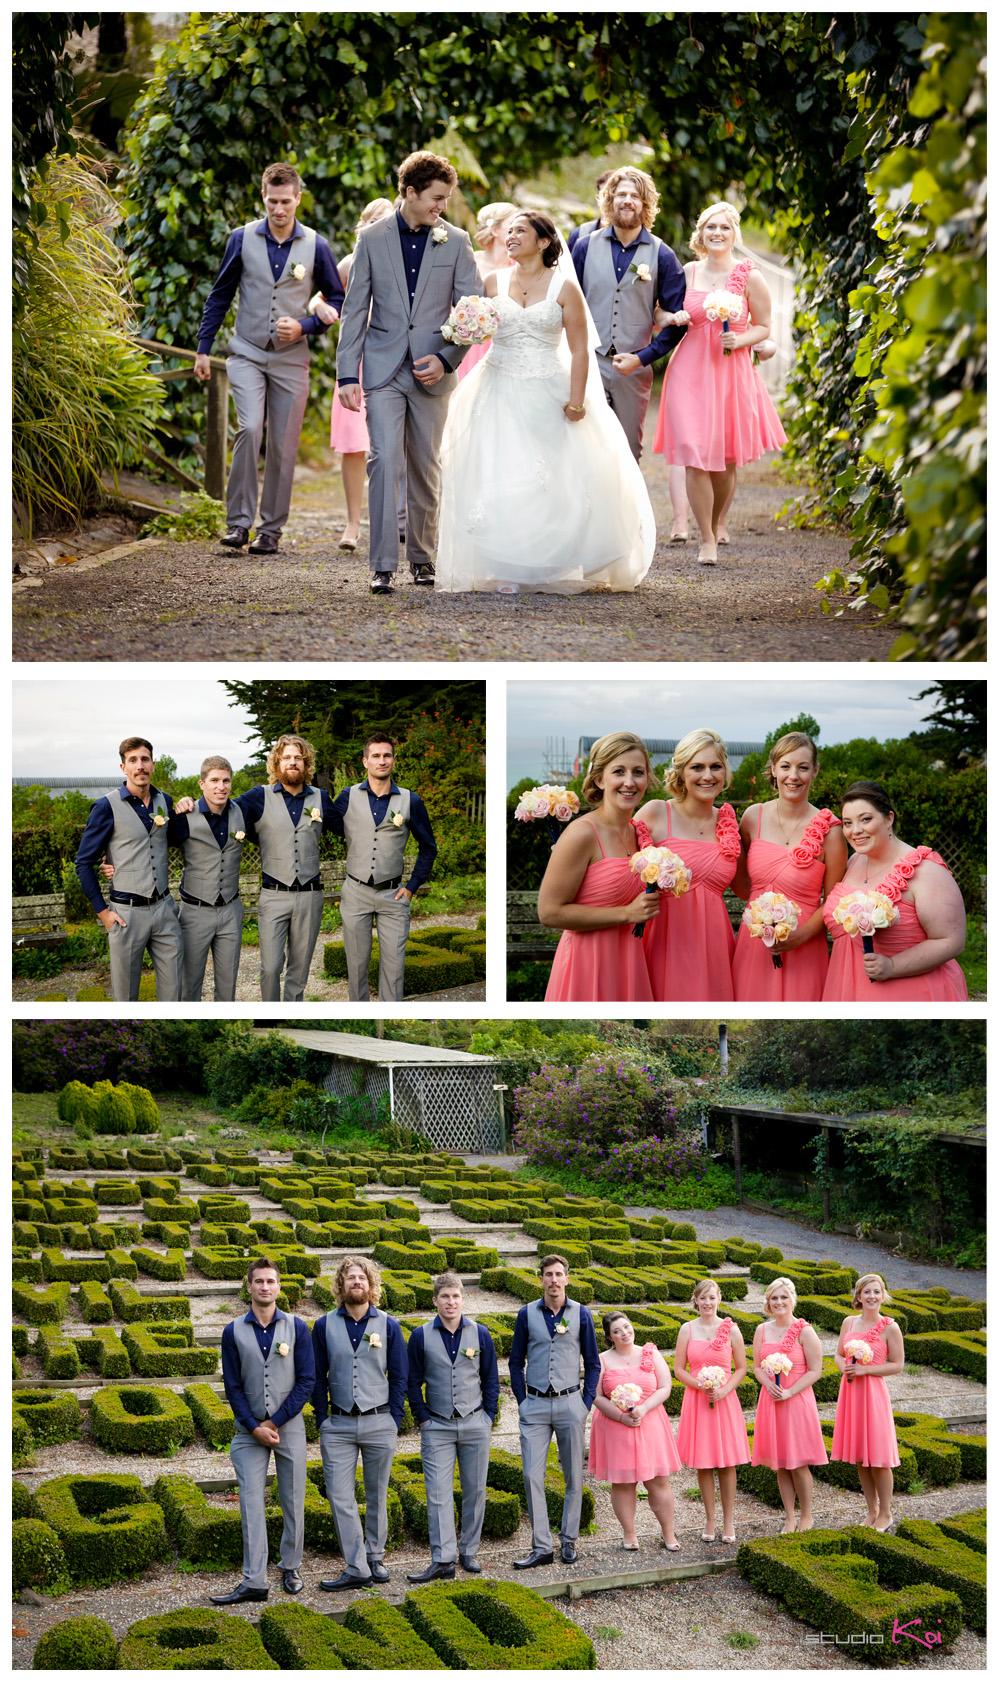 Gethsemane Gardens Christchurch wedding bridal party